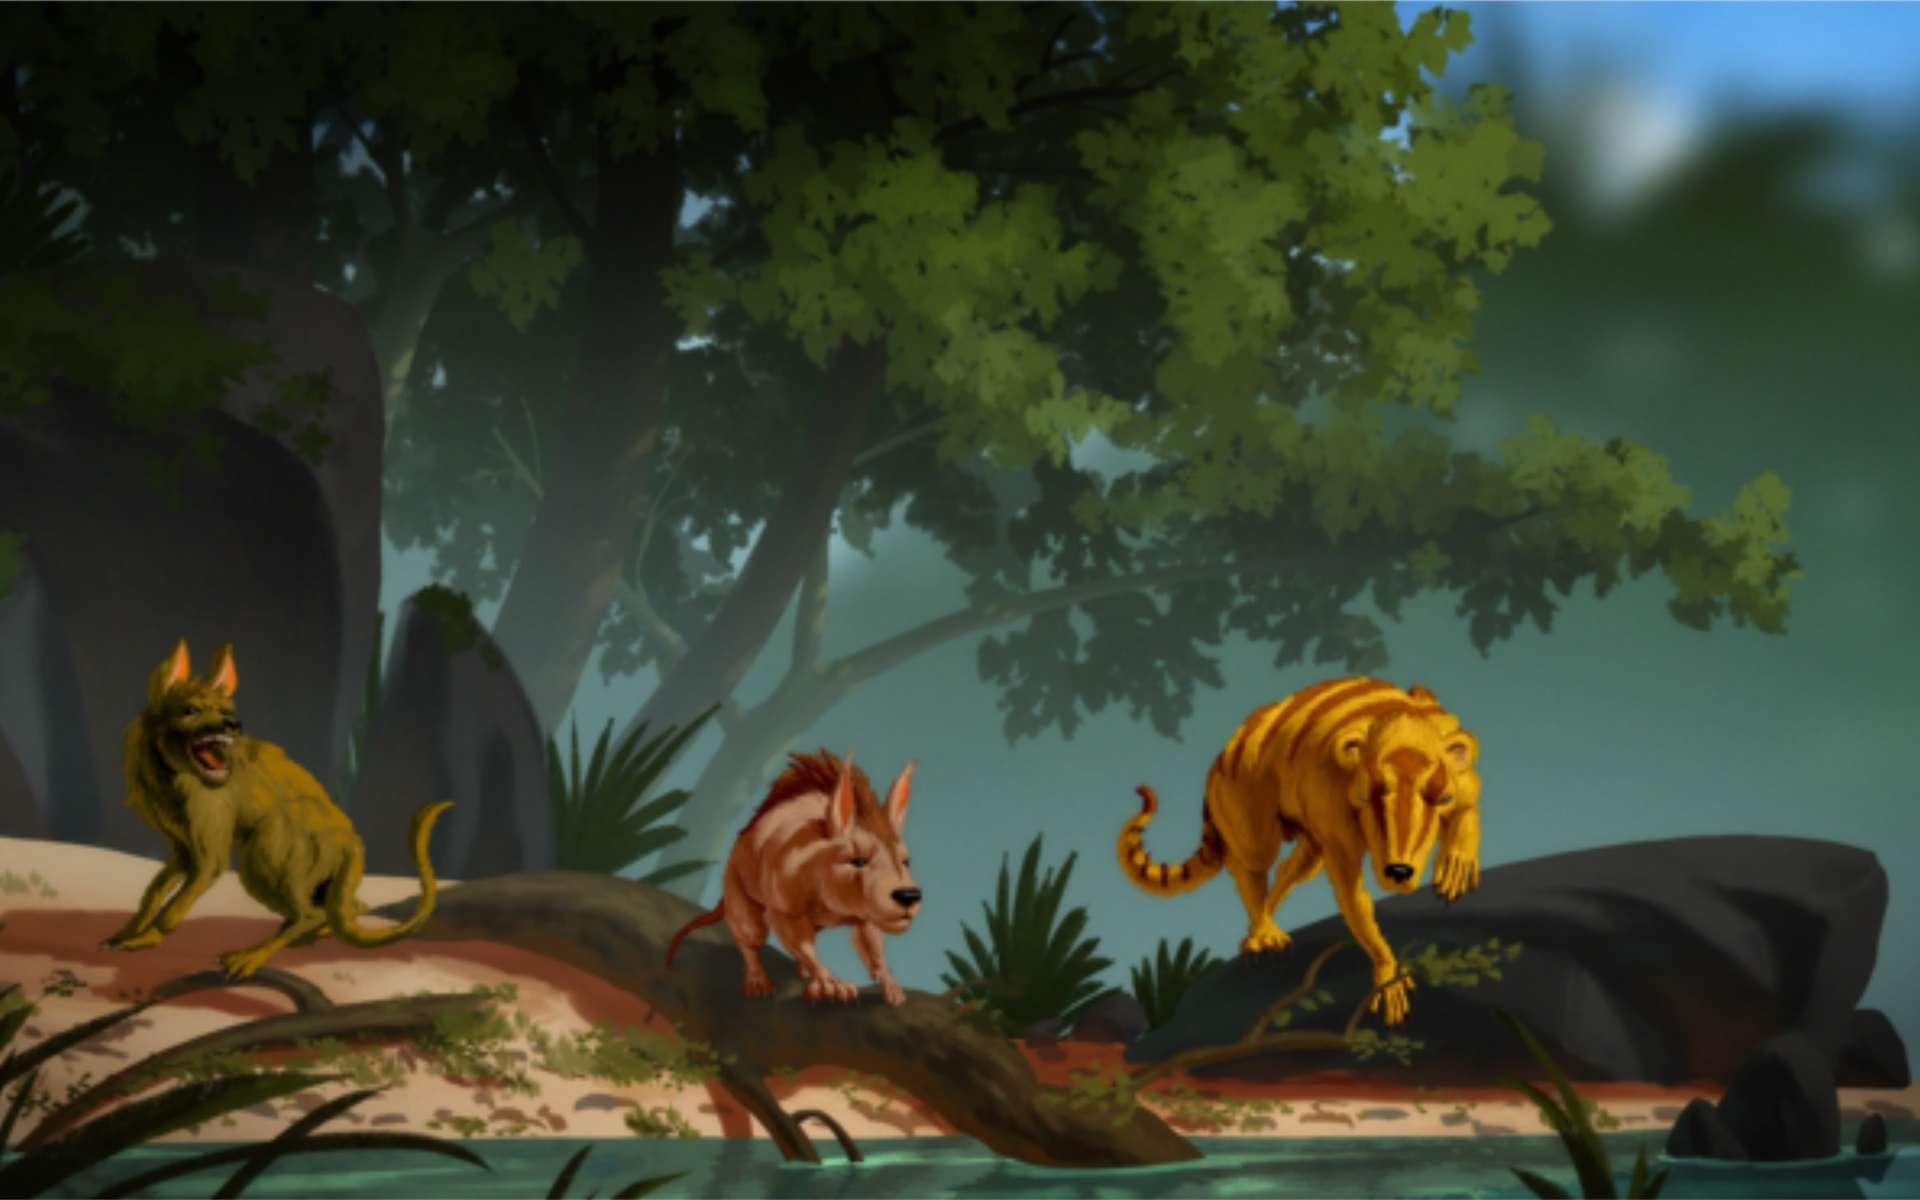 Vue d'artiste de trois nouvelles espèces de mammifères du Paléogène. De gauche à droite : Conacodon hettingeri, Miniconus jeanninae et Beornus honeyi. © Banana Art Studio